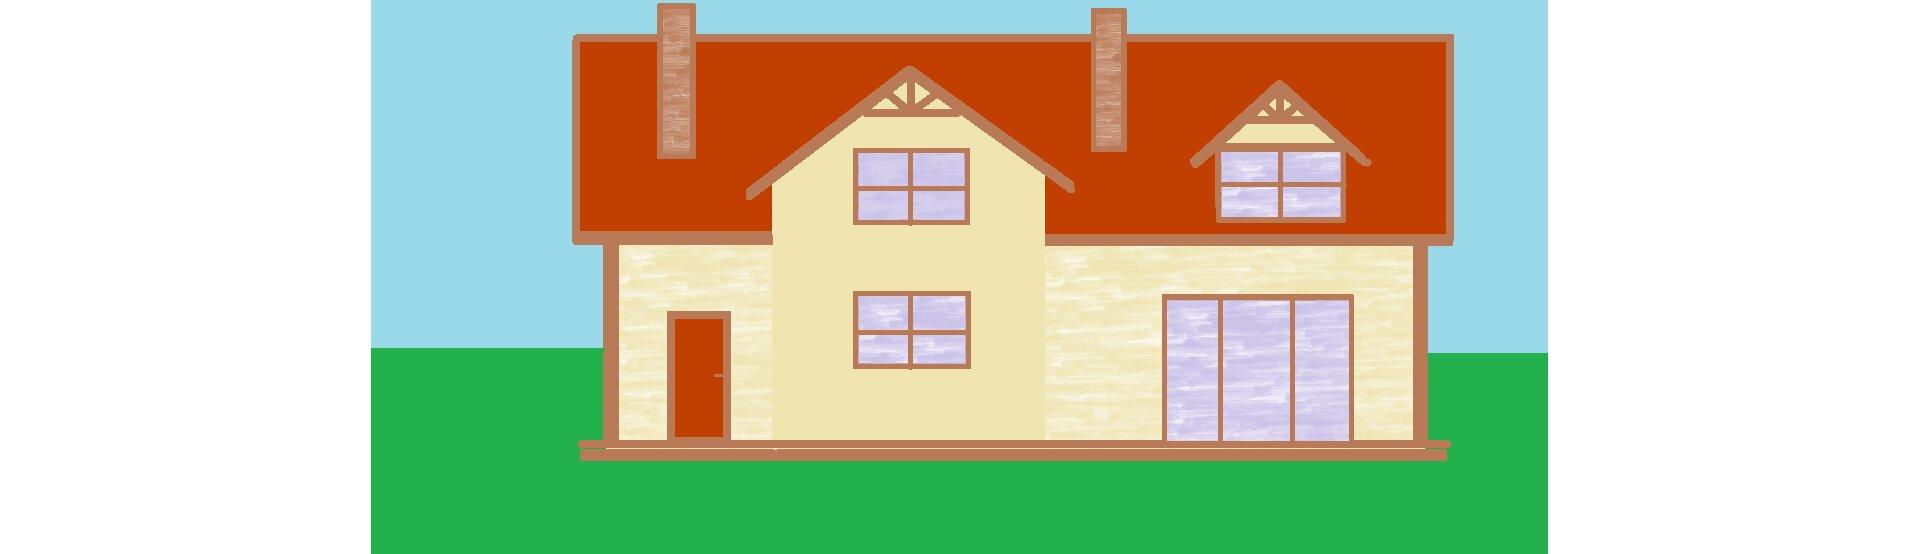 Ilustracja przedstawiająca dom utworzony zfigur